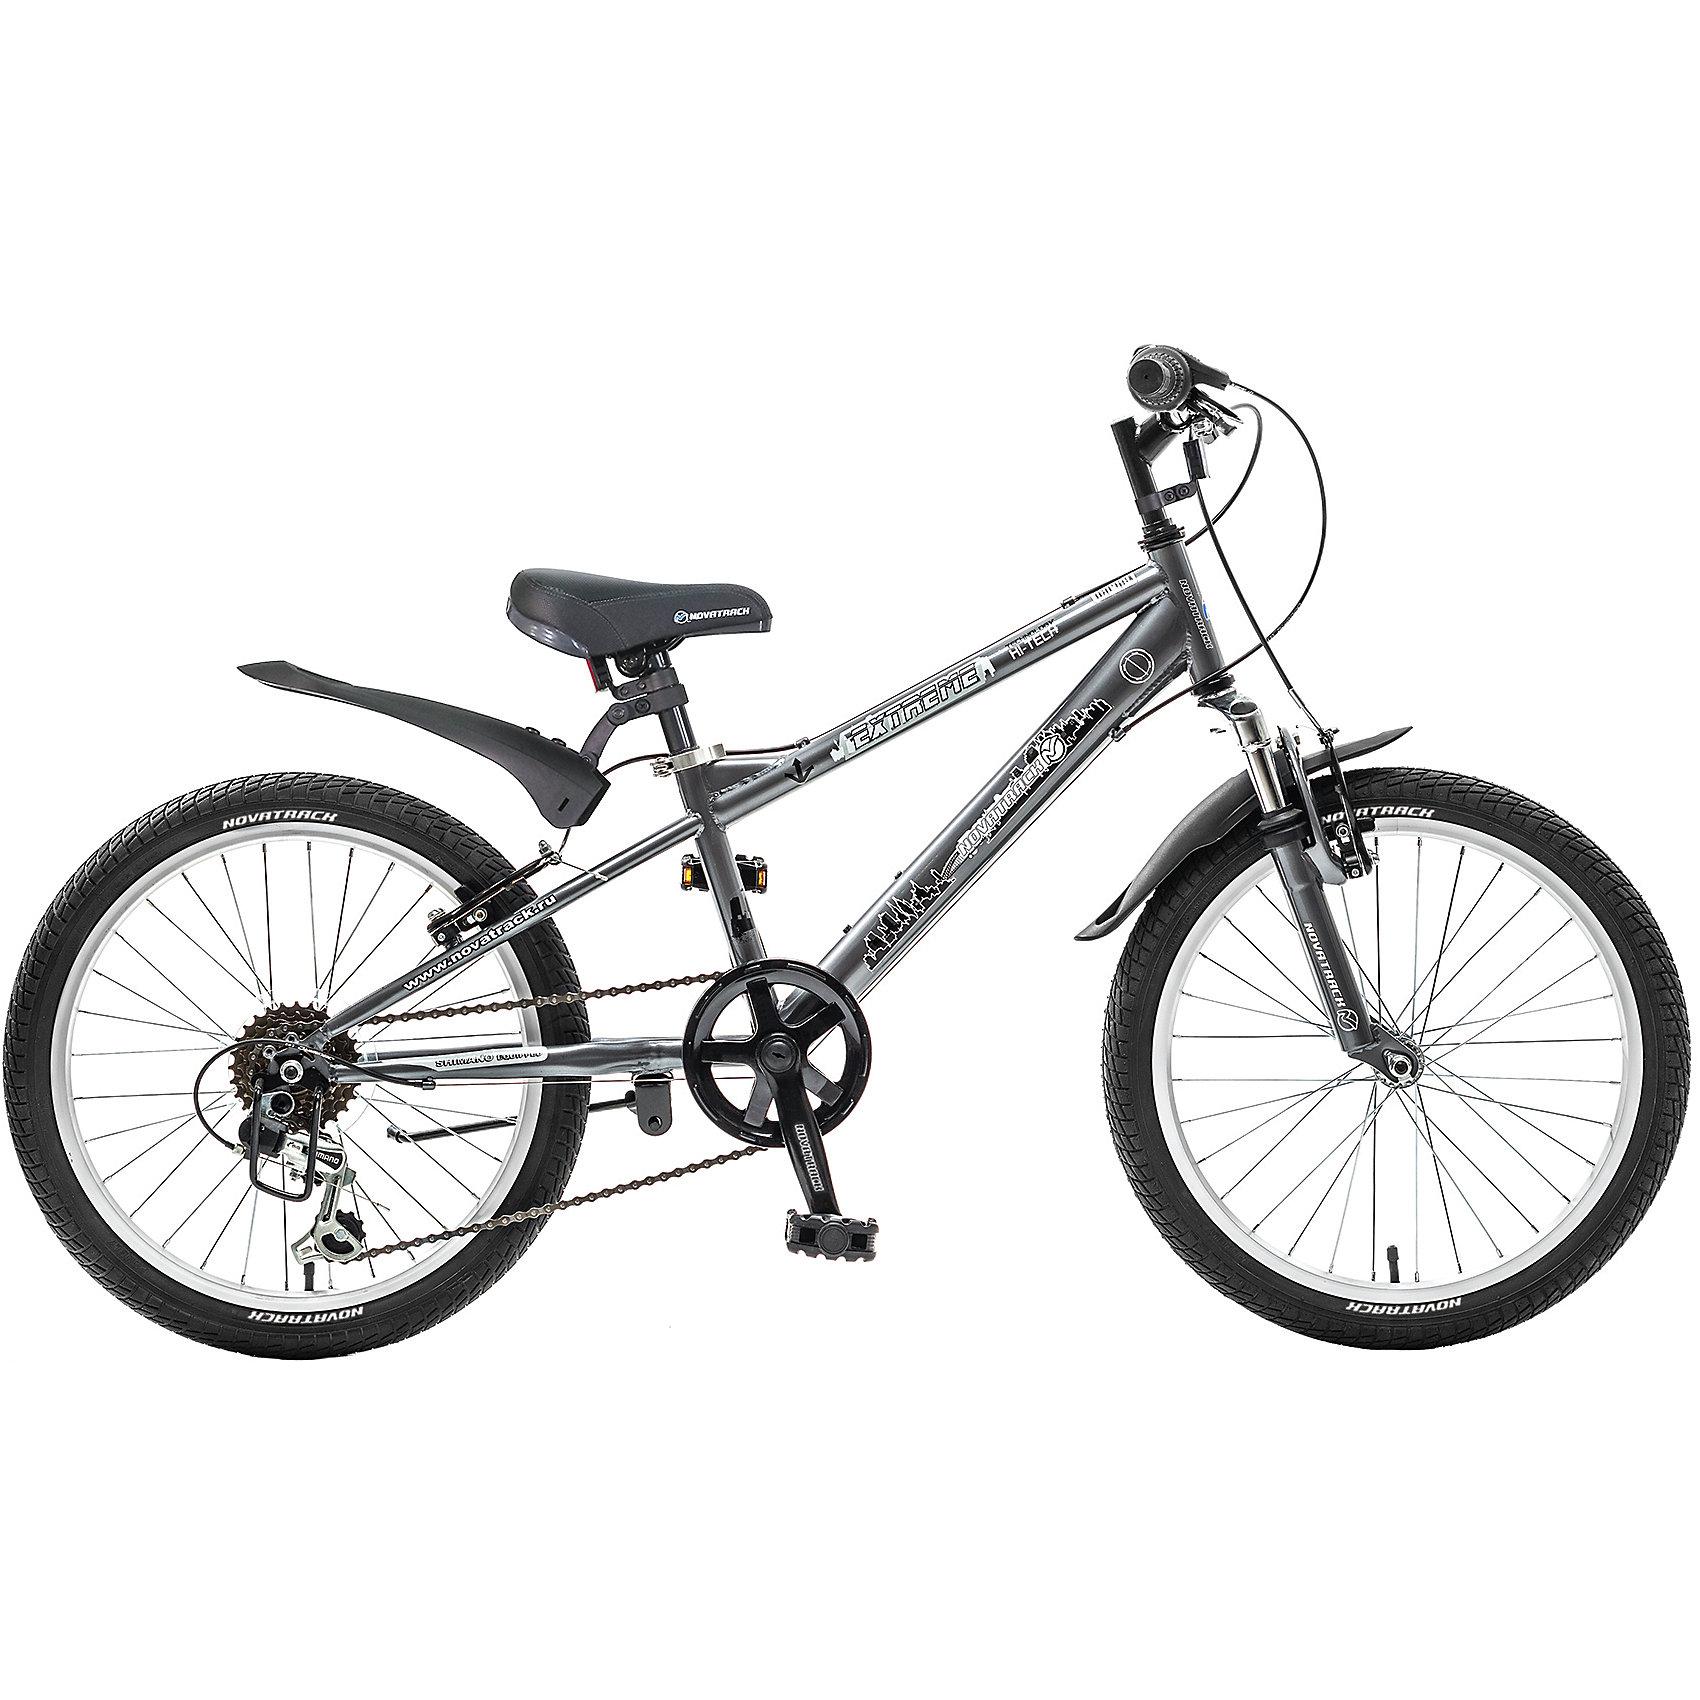 Велосипед EXTREME, тёмно-серый, 20 дюймов, NovatrackВелосипеды детские<br>Novatrack Extreme 20'' – это безопасный и надежный велосипед для мальчиков 6-8 лет, который поможет освоить азы катания на скоростном велосипеде. 20 дюймовые колеса уже отличают эту модель от велосипедов, на которых катаются дошколята. Велосипед оснащен 6-скоростной системой переключения передач, амортизационной вилкой, передним ручным тормозом, регулируемым сидением и рулем, для обеспечения удобной посадки. Велосипед достаточно легкий, поэтому ребенок сможет самостоятельно его транспортировать из дома во двор. Extreme 20'' предназначен для активной езды и готов к любым испытаниям на детской площадке, в парке и других местах, пригодных для катания.<br><br>Велосипед EXTREME, тёмно-серый, 20 дюйма, Novatrack можно купить в нашем интернет-магазине.<br><br>Ширина мм: 1100<br>Глубина мм: 180<br>Высота мм: 520<br>Вес г: 14000<br>Возраст от месяцев: 84<br>Возраст до месяцев: 120<br>Пол: Унисекс<br>Возраст: Детский<br>SKU: 5613205